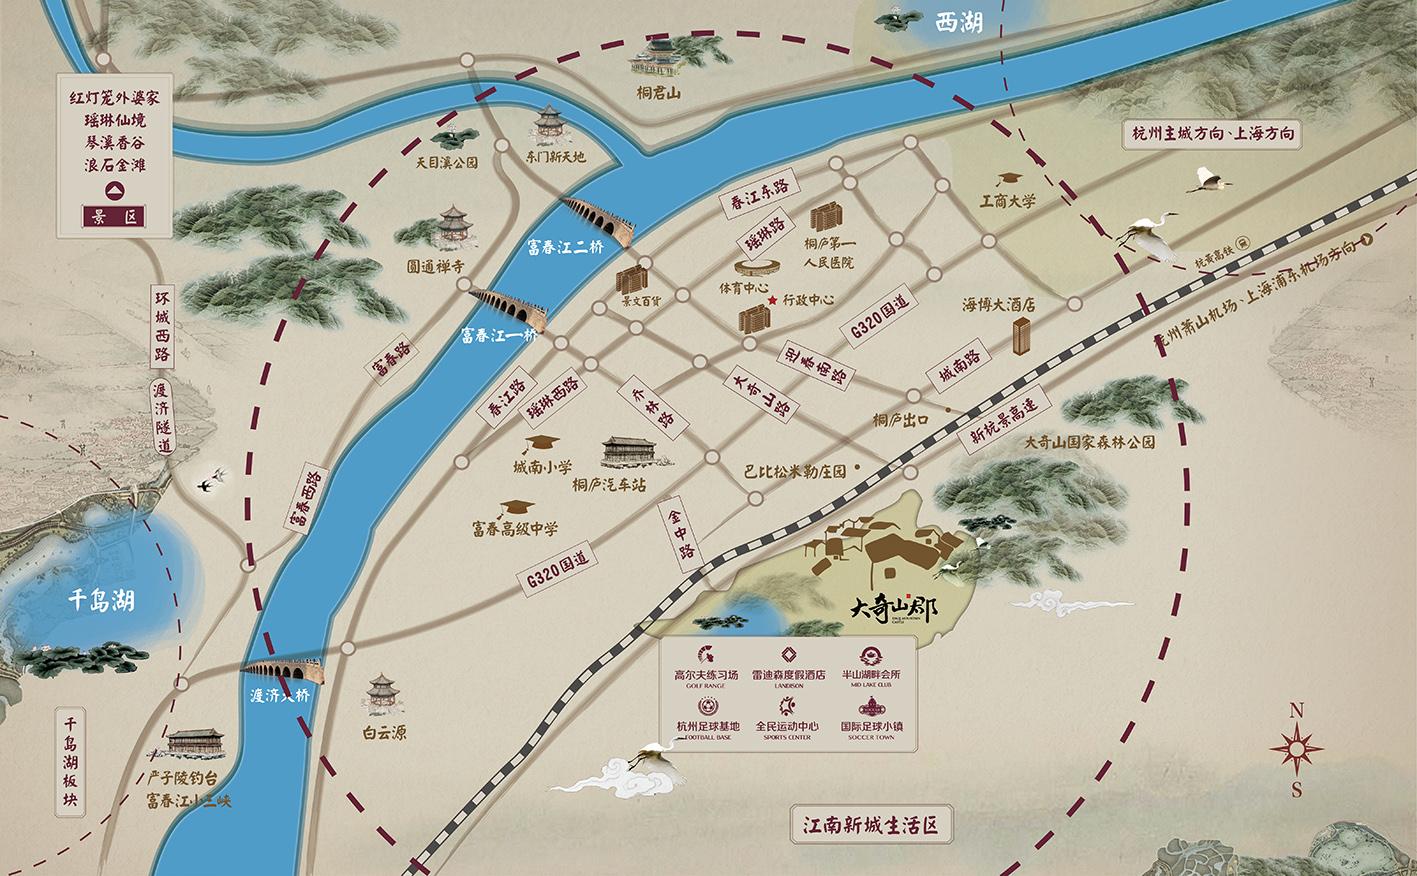 171011 大奇山郡区位图(小图).jpg